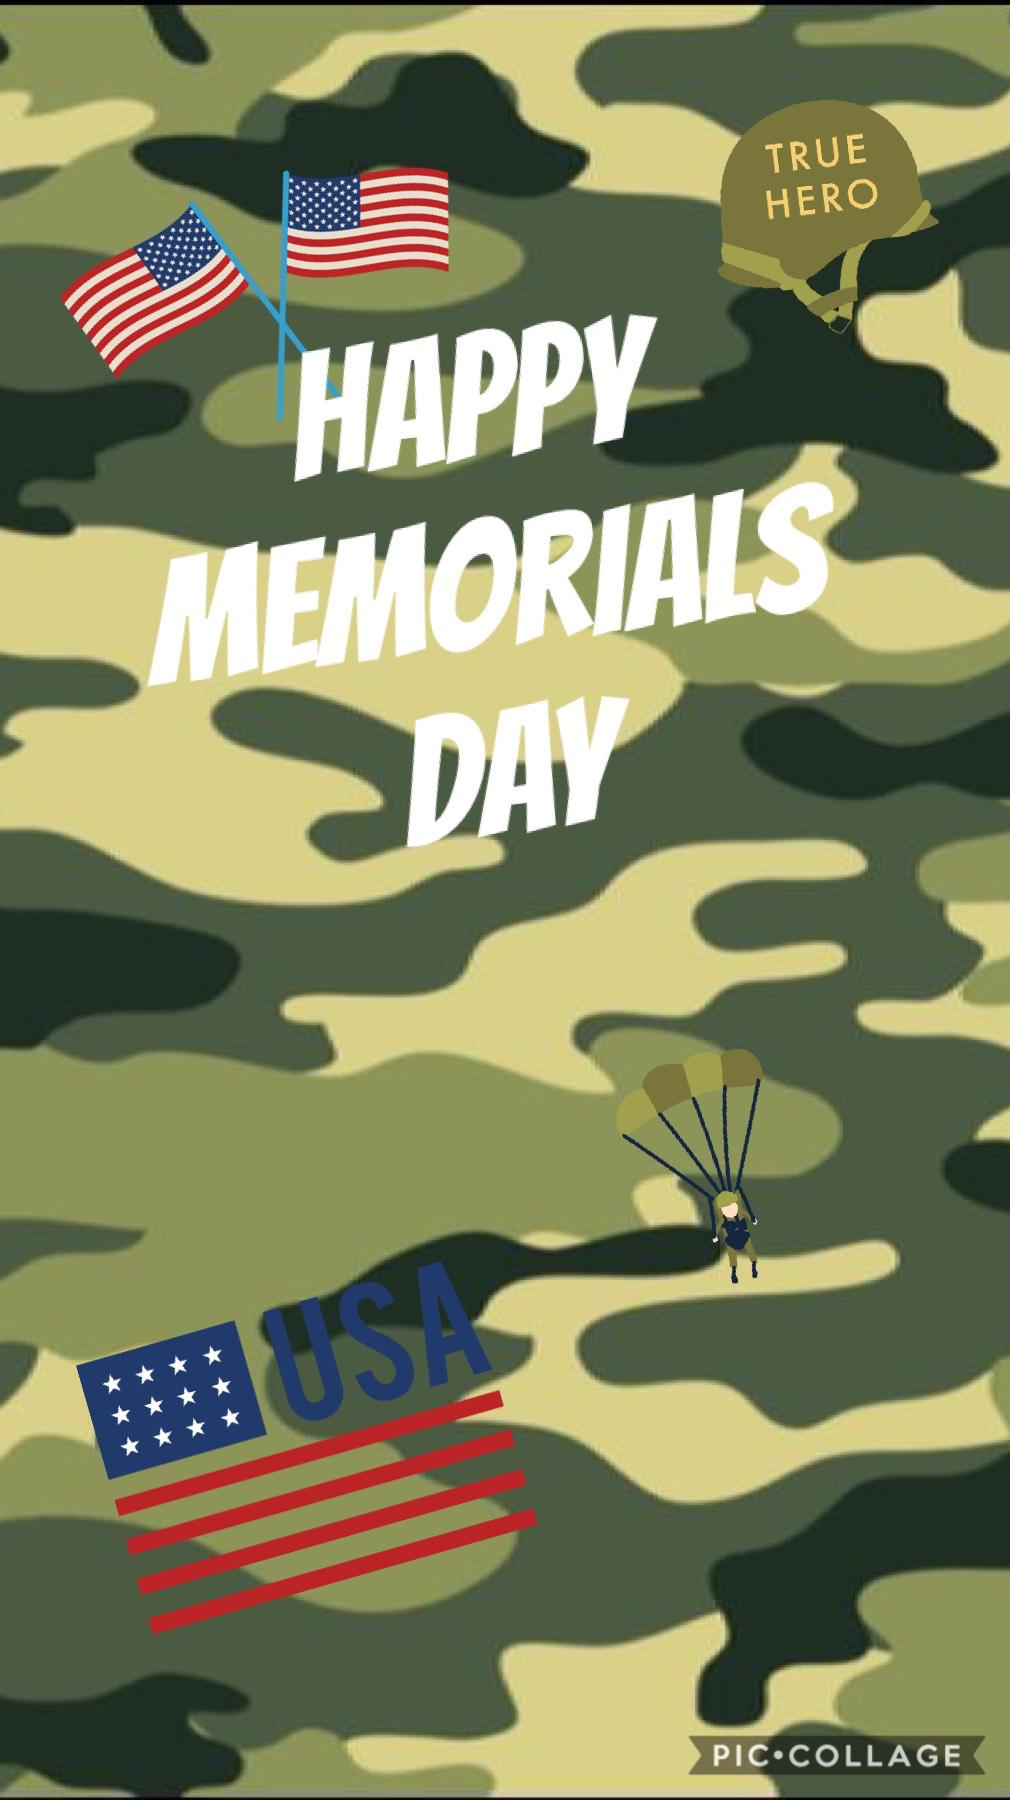 Happy Memorials day